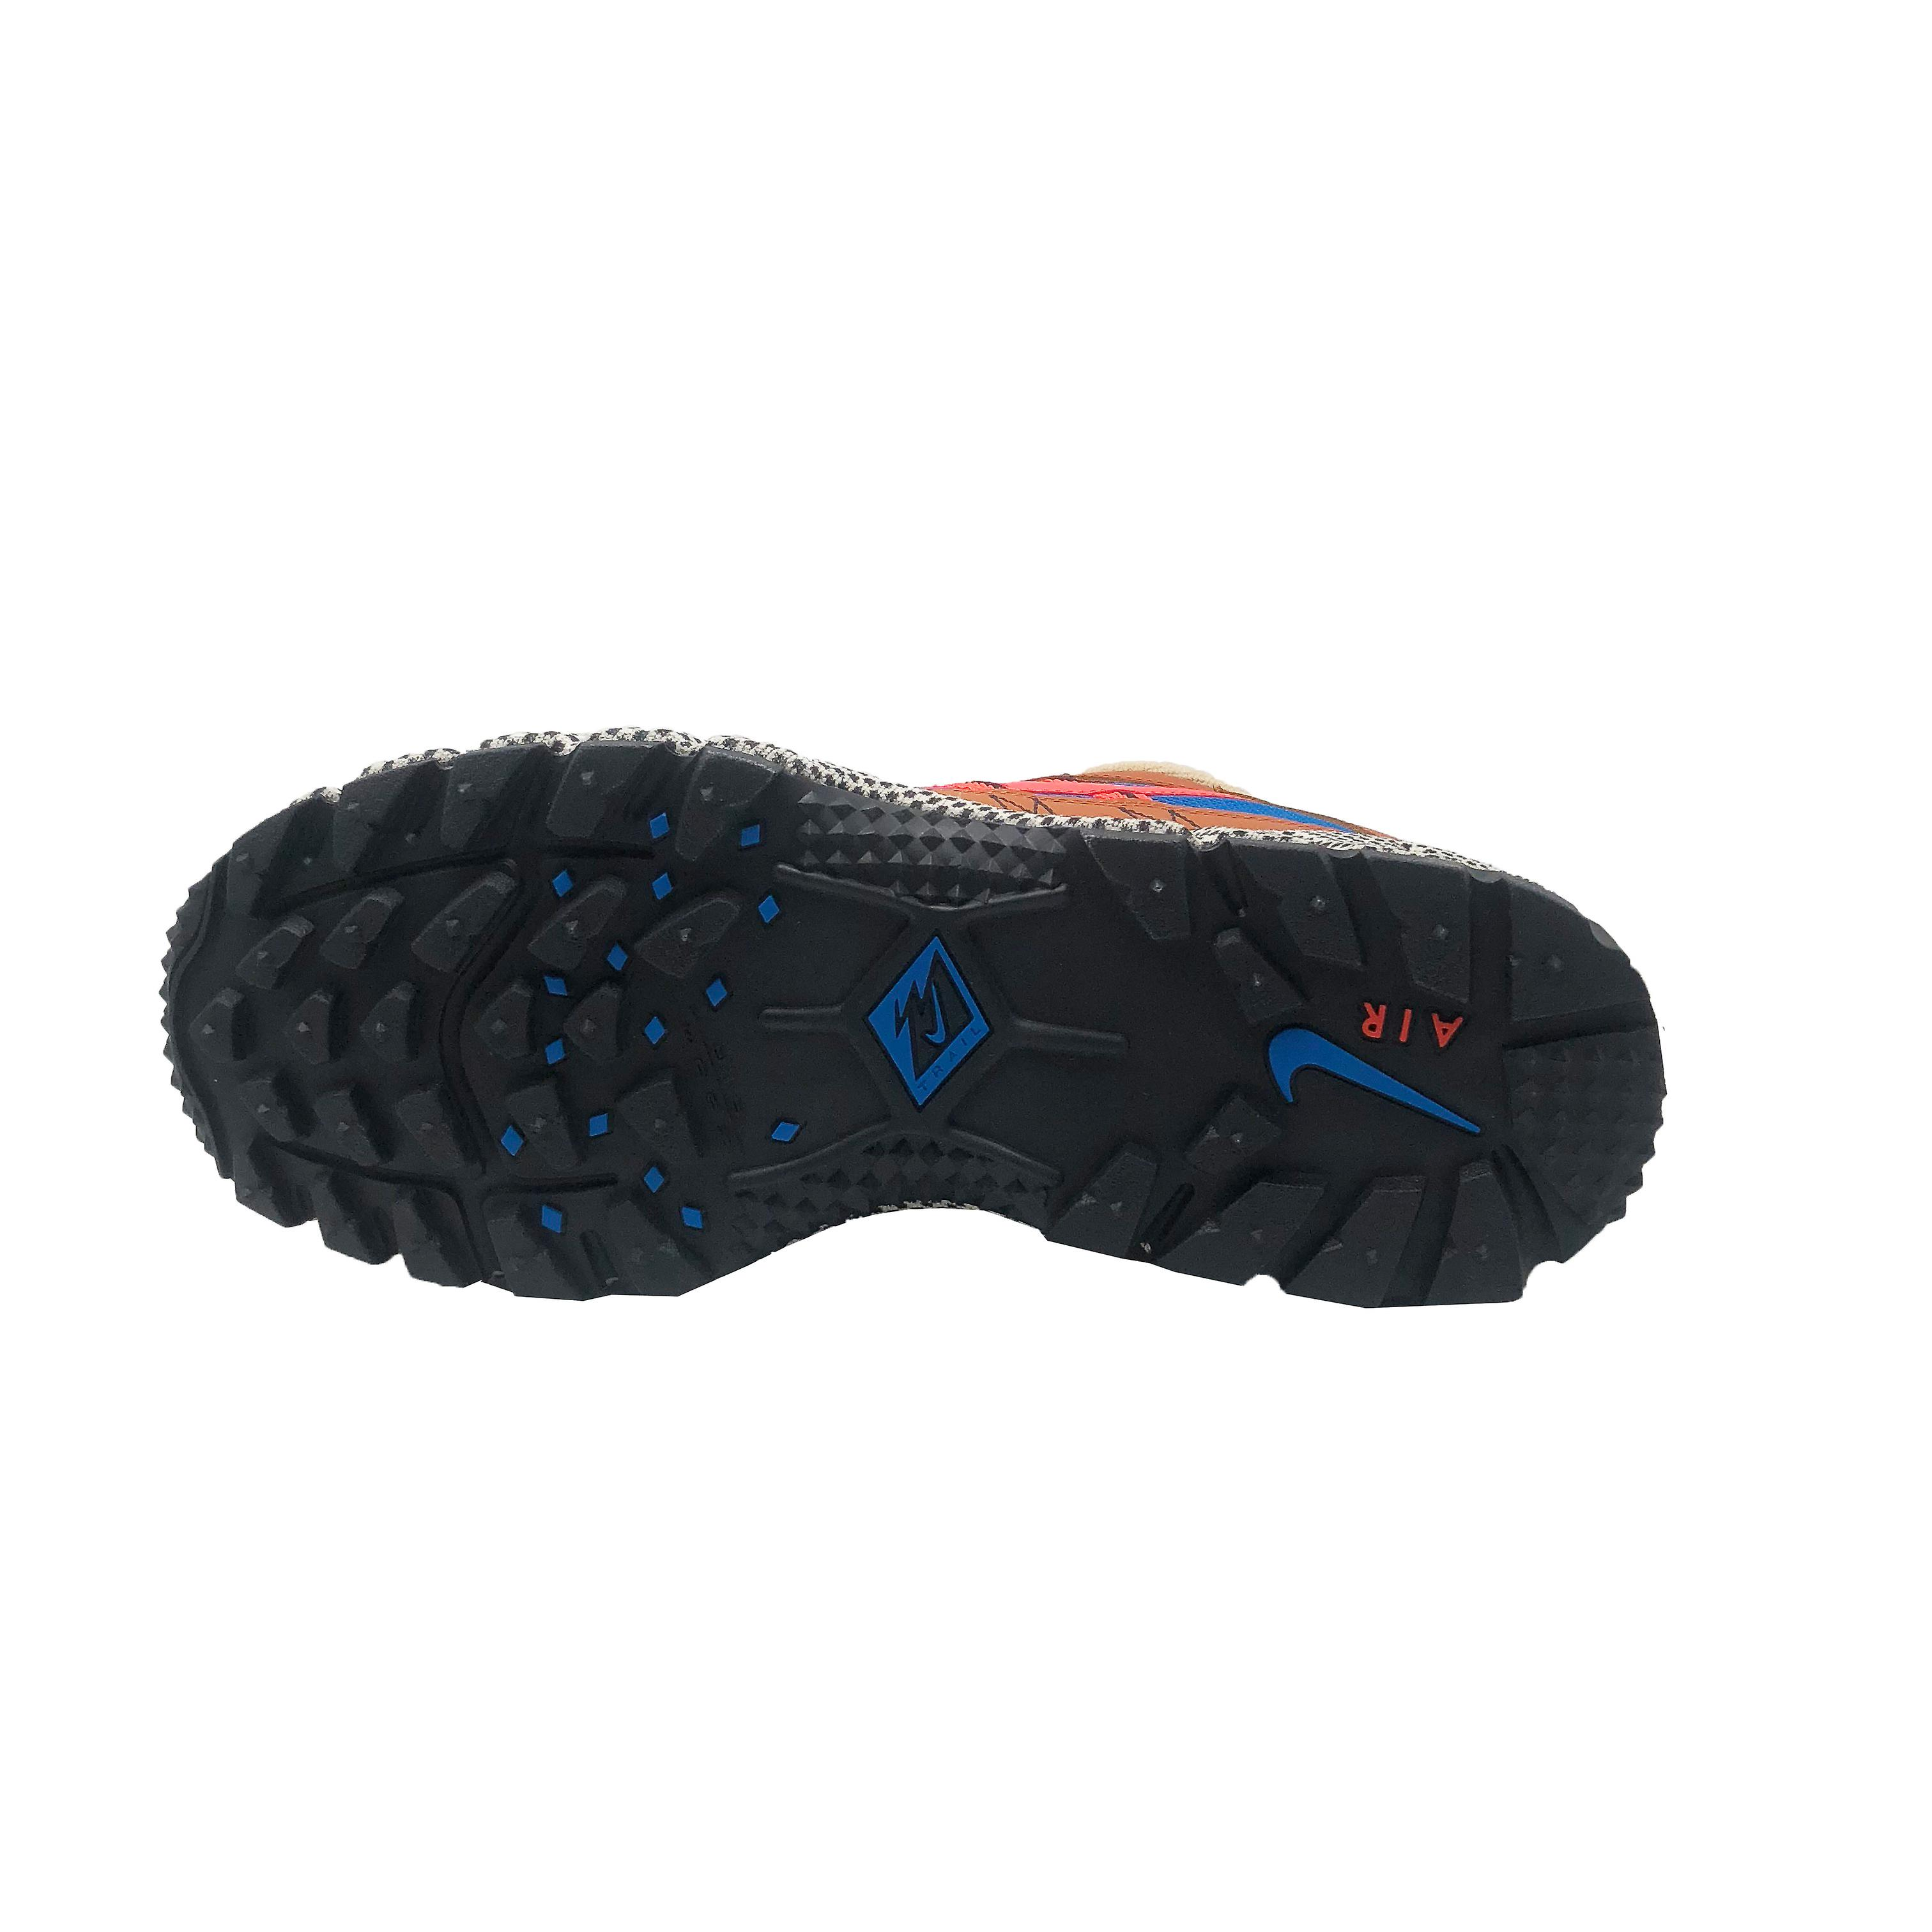 Nike Air Humara 17 QS AO3297 200 Mens utbildare